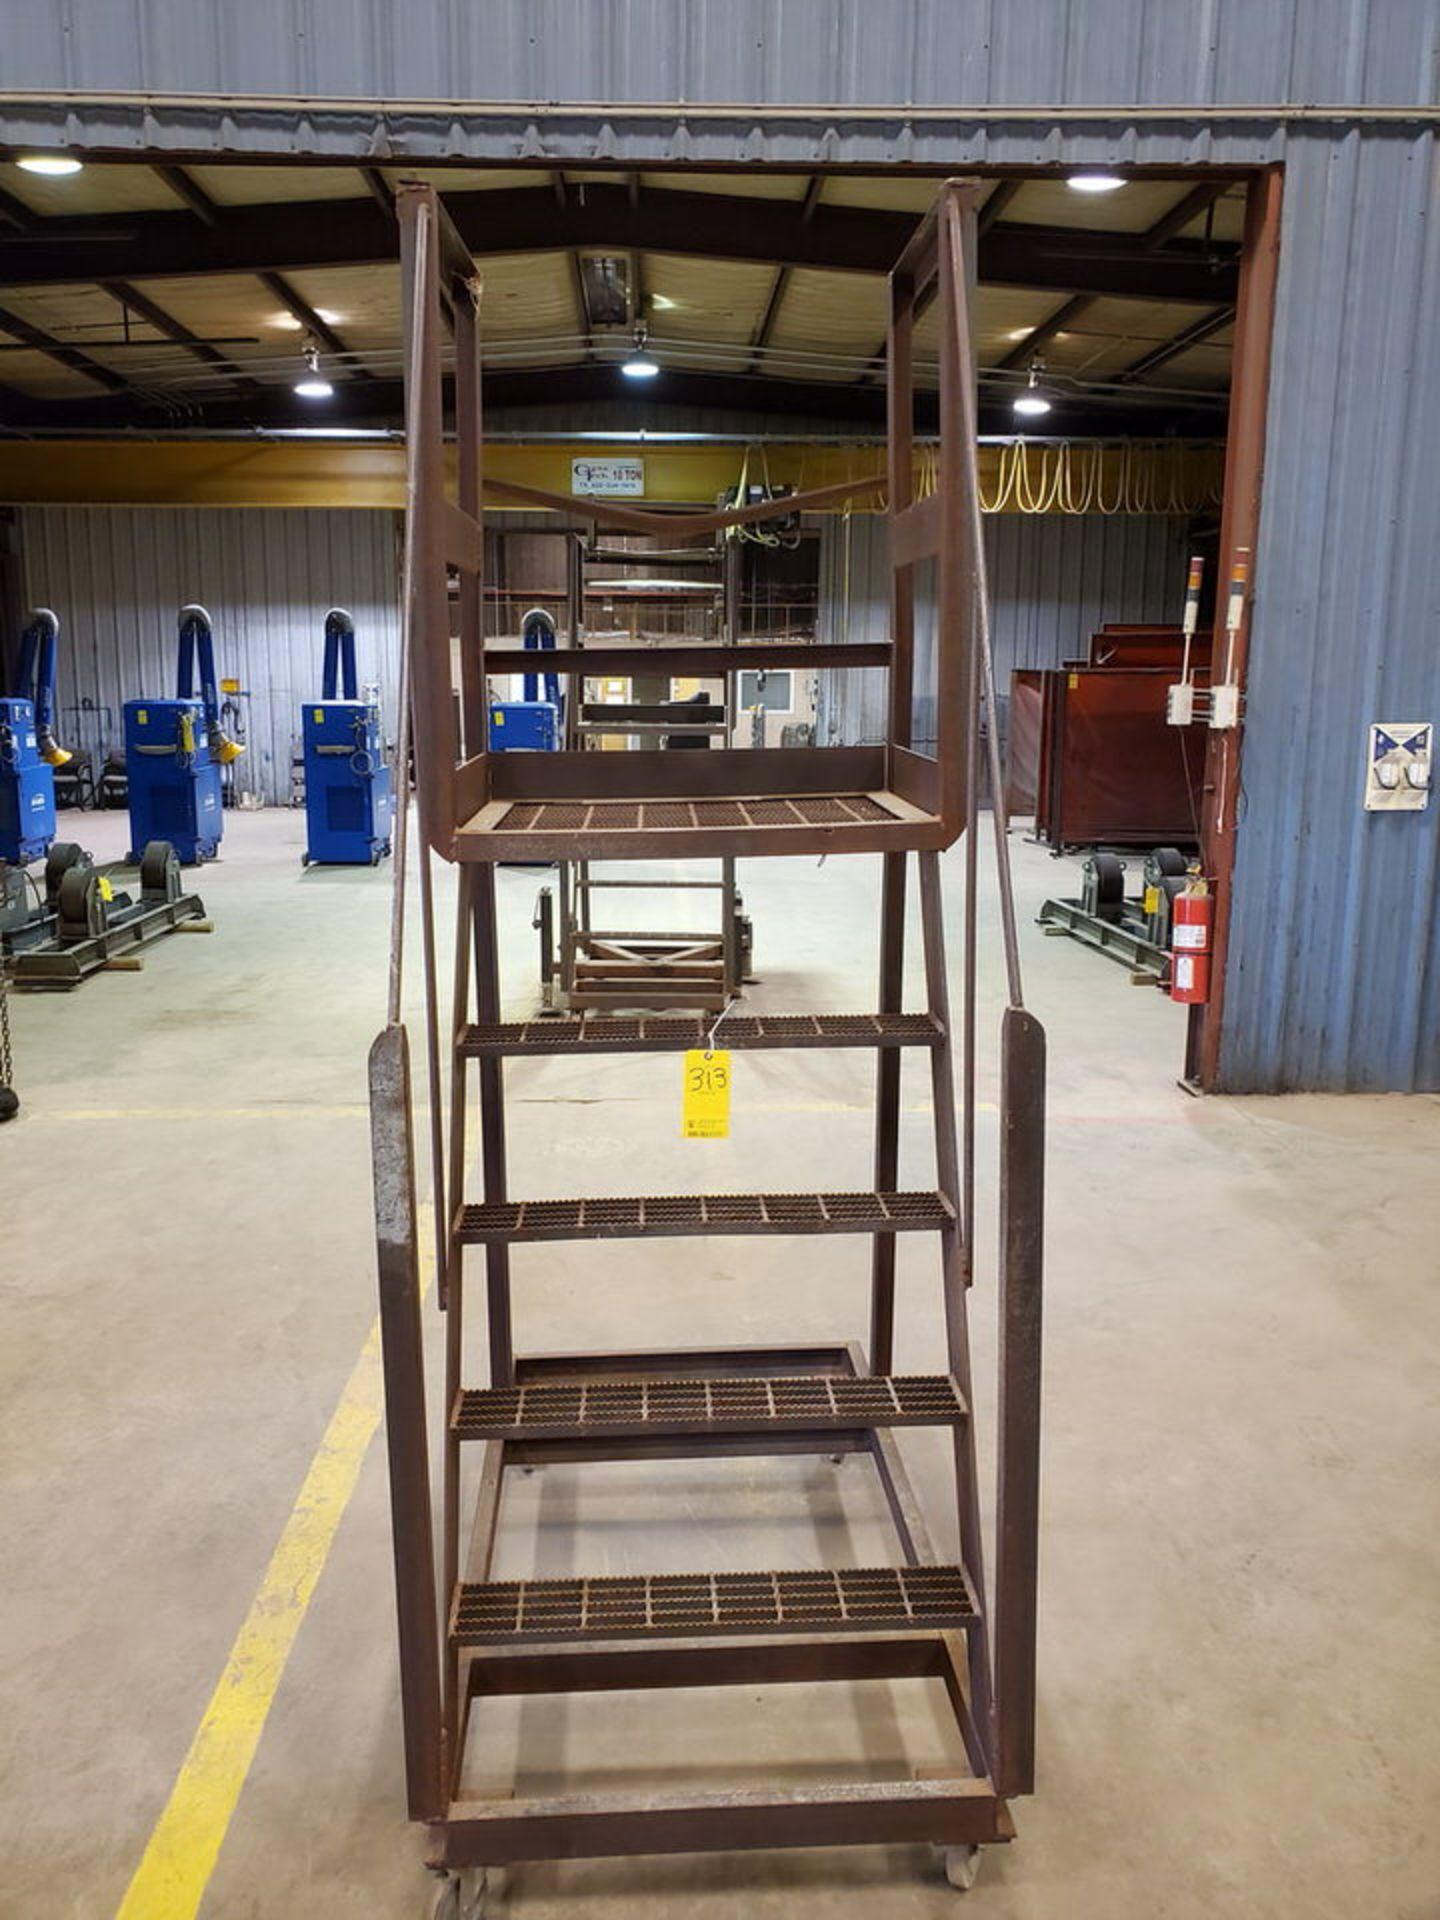 """Stl 4-Step Roling Platform Ladder 5'3"""" x 3' x 8'9""""H; No Cap. - Image 2 of 6"""